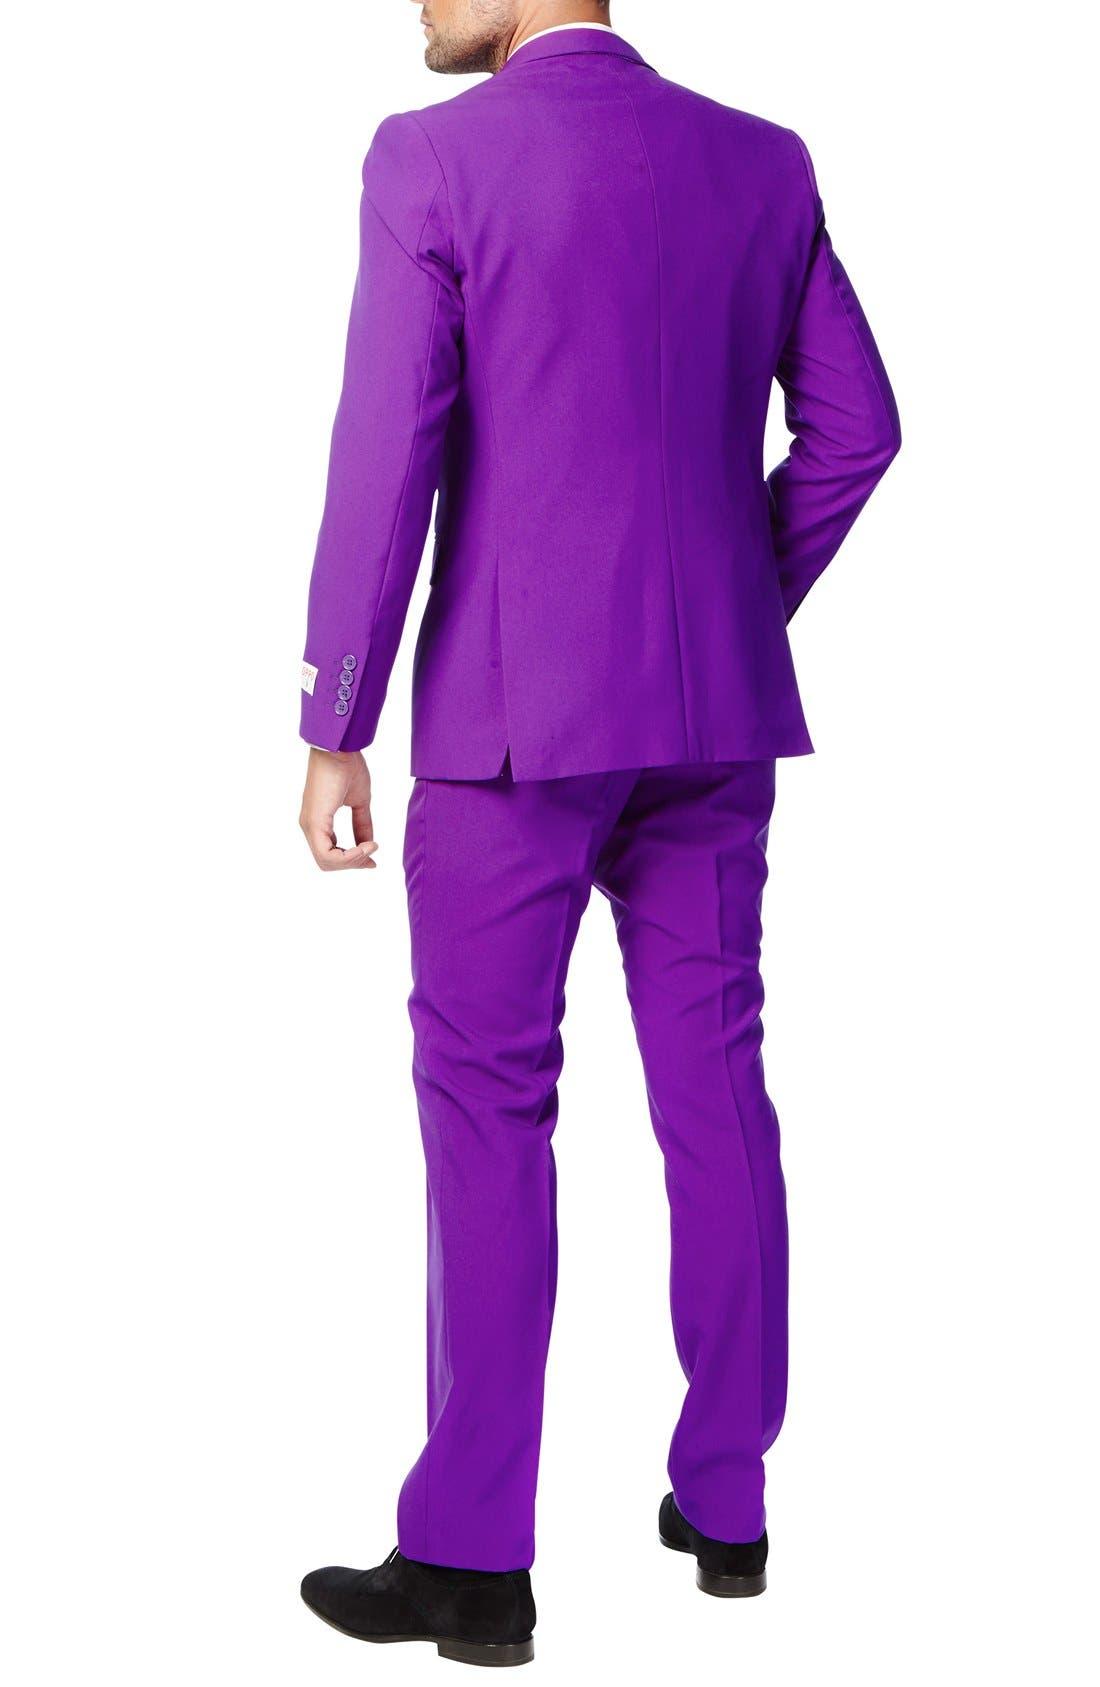 'Purple Prince' Trim Fit Two-Piece Suit with Tie,                             Alternate thumbnail 2, color,                             500